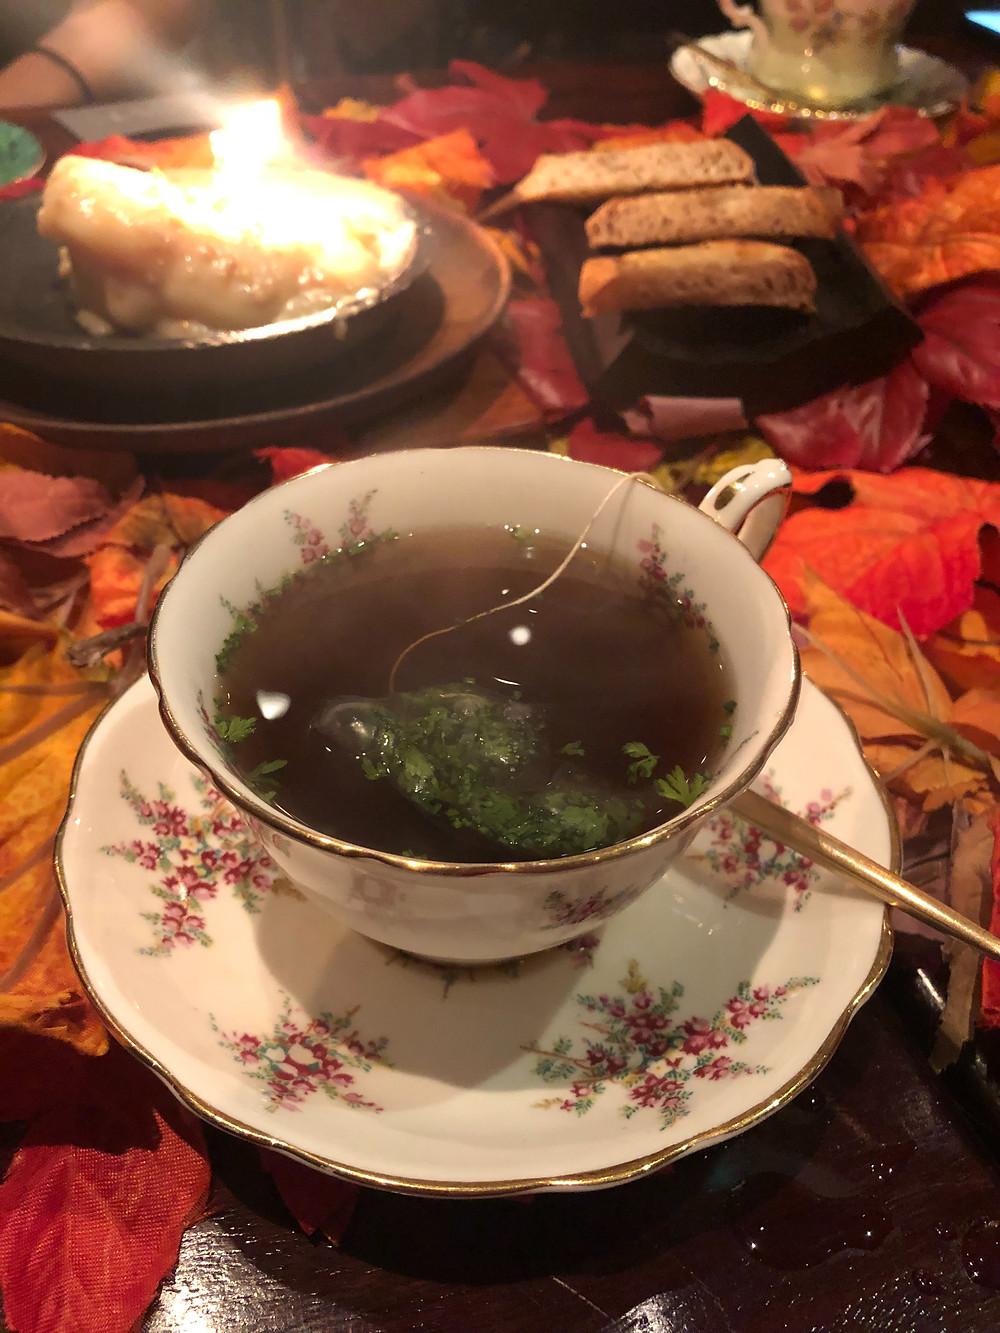 Restaurant Uwe | Uwe Opocensky | Mushroom Tea